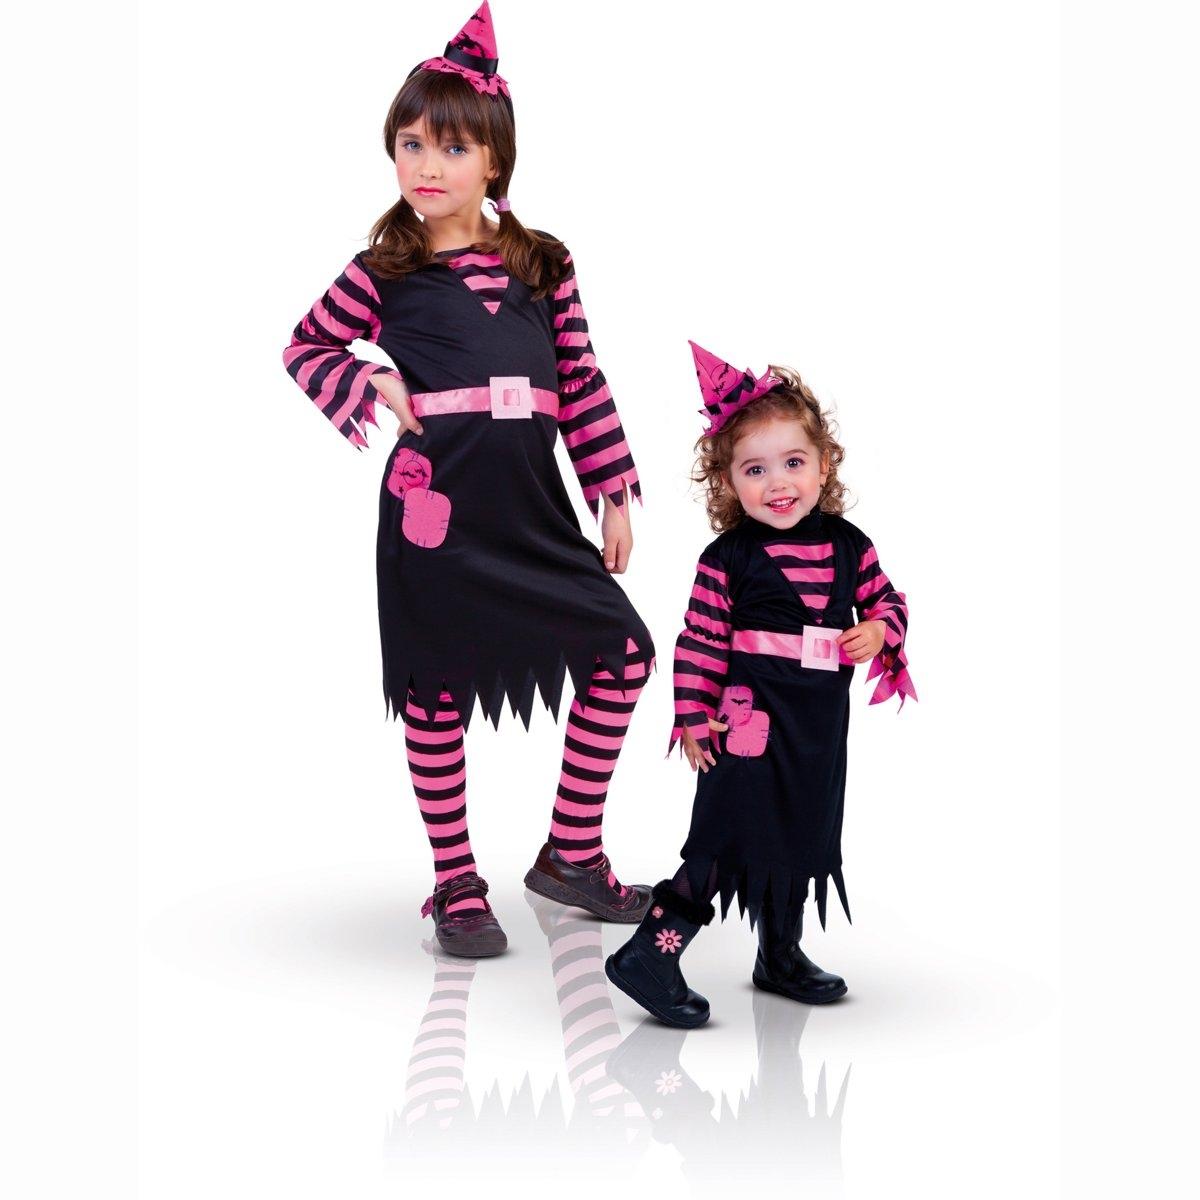 Маскарадный костюм ведьмыМаскарадный костюм ведьмы. Платье ведьмы чёрно-розового цвета и ободок в виде шляпки. 100% полиэстера.S: соответствует на 3-4 года. M: соответствует на 5-6 лет. L: соответствует на  7-8 лет<br><br>Цвет: набивной рисунок